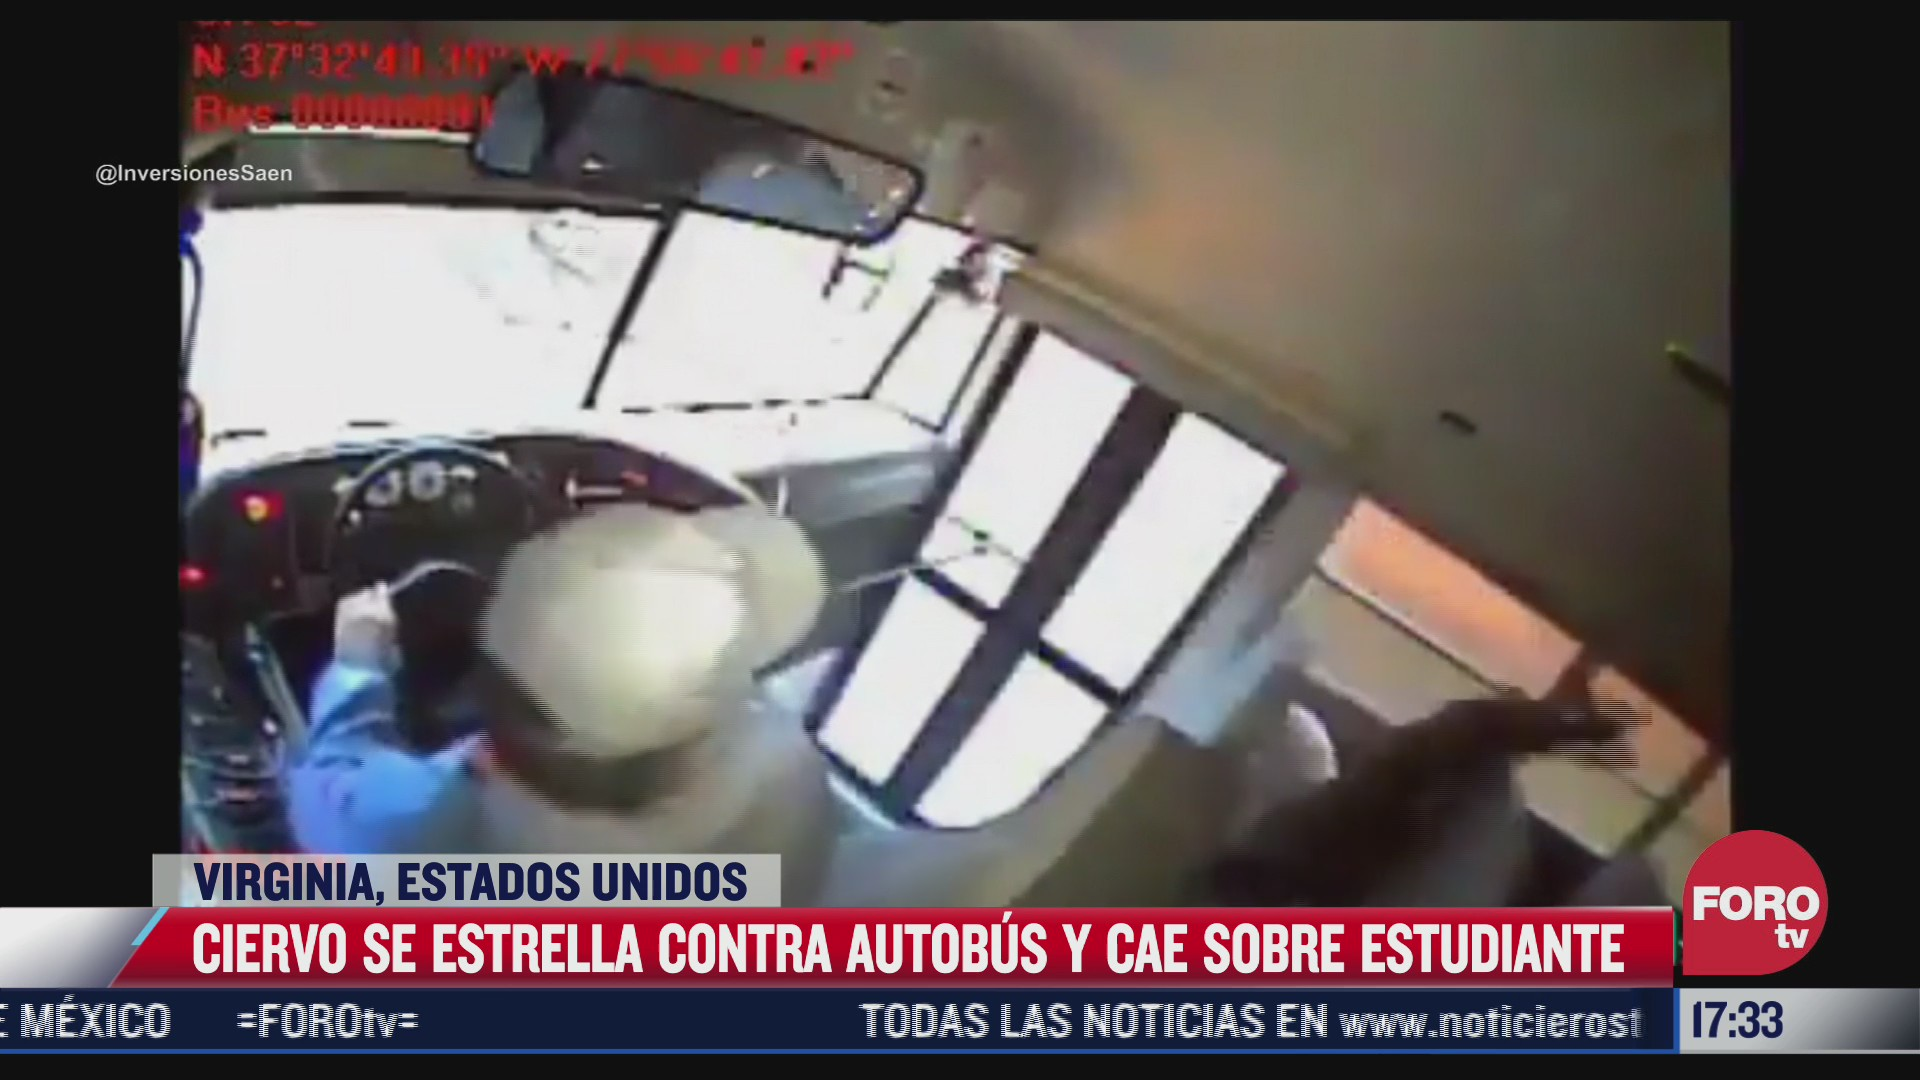 ciervo se estrella contra autobus y cae sobre estudiante en eeuu